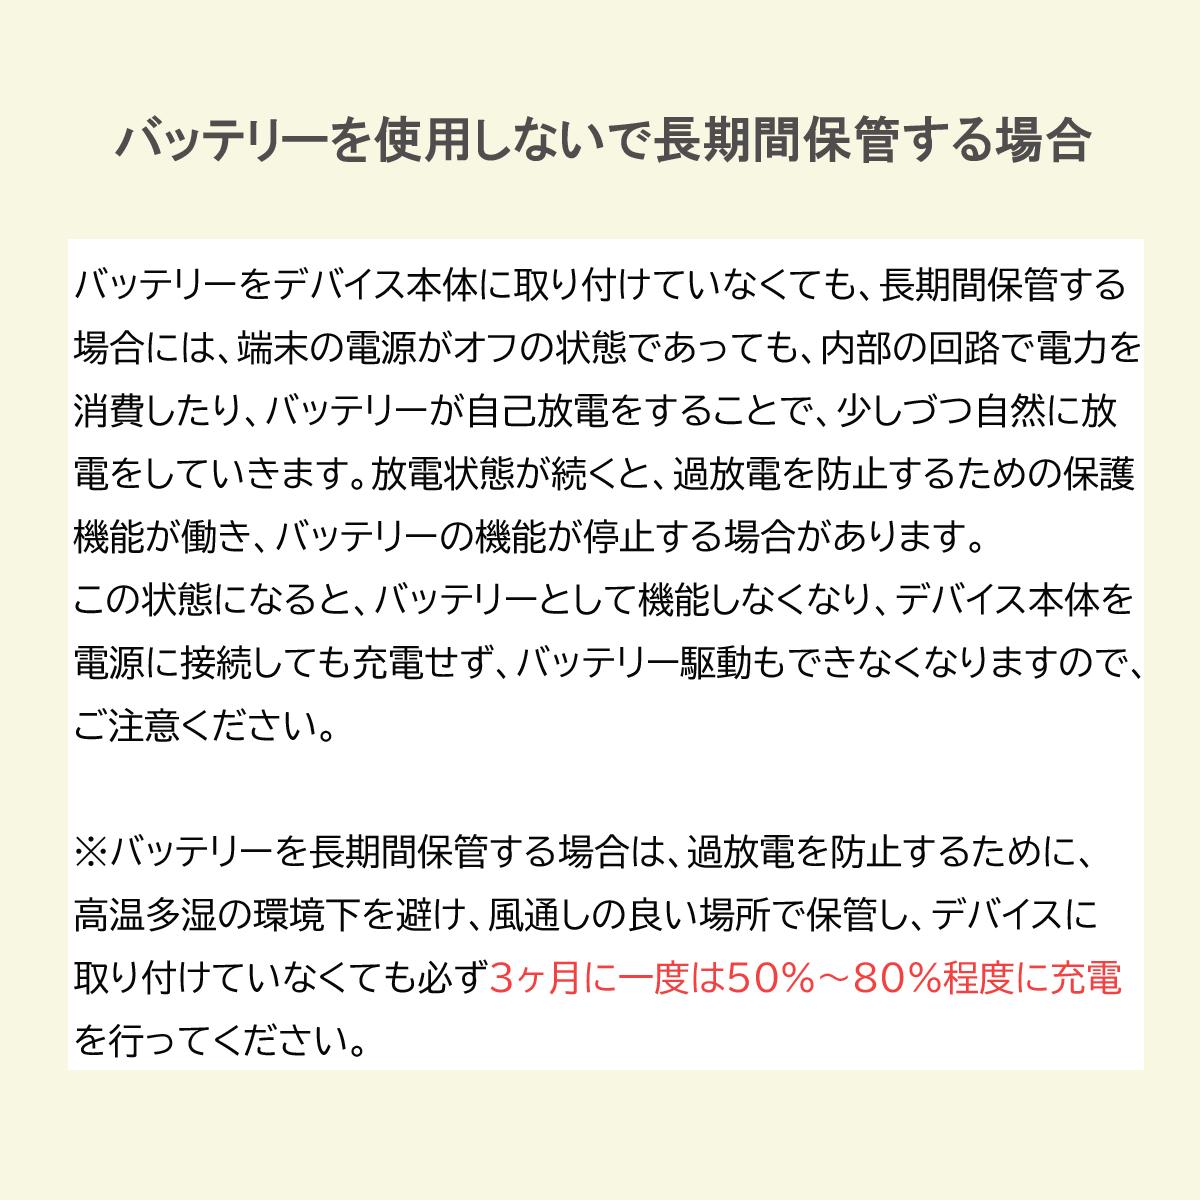 """【全国送料無料】Apple アップル MacBook Air 11"""" A1370 (2010年モデル) MC505J/A MC506J/A 交換用バッテリー 専用工具付属 A1375対応"""